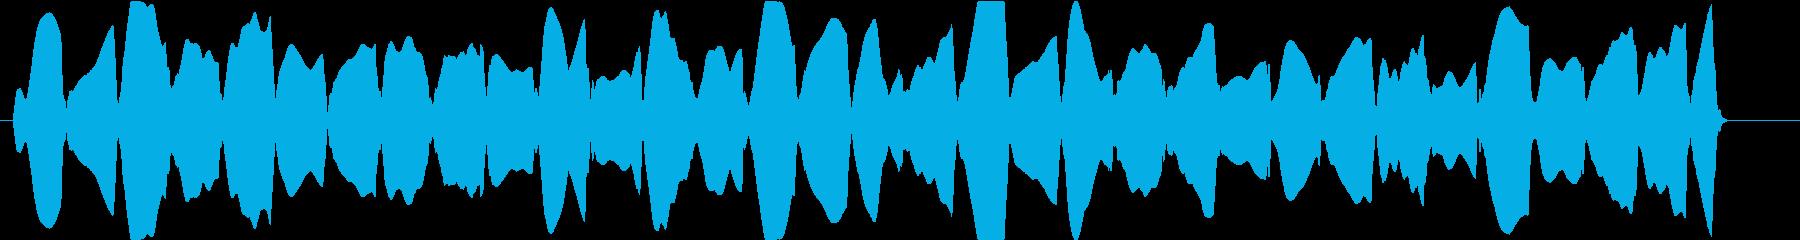 日本の救急車のサイレン(近距離)の再生済みの波形